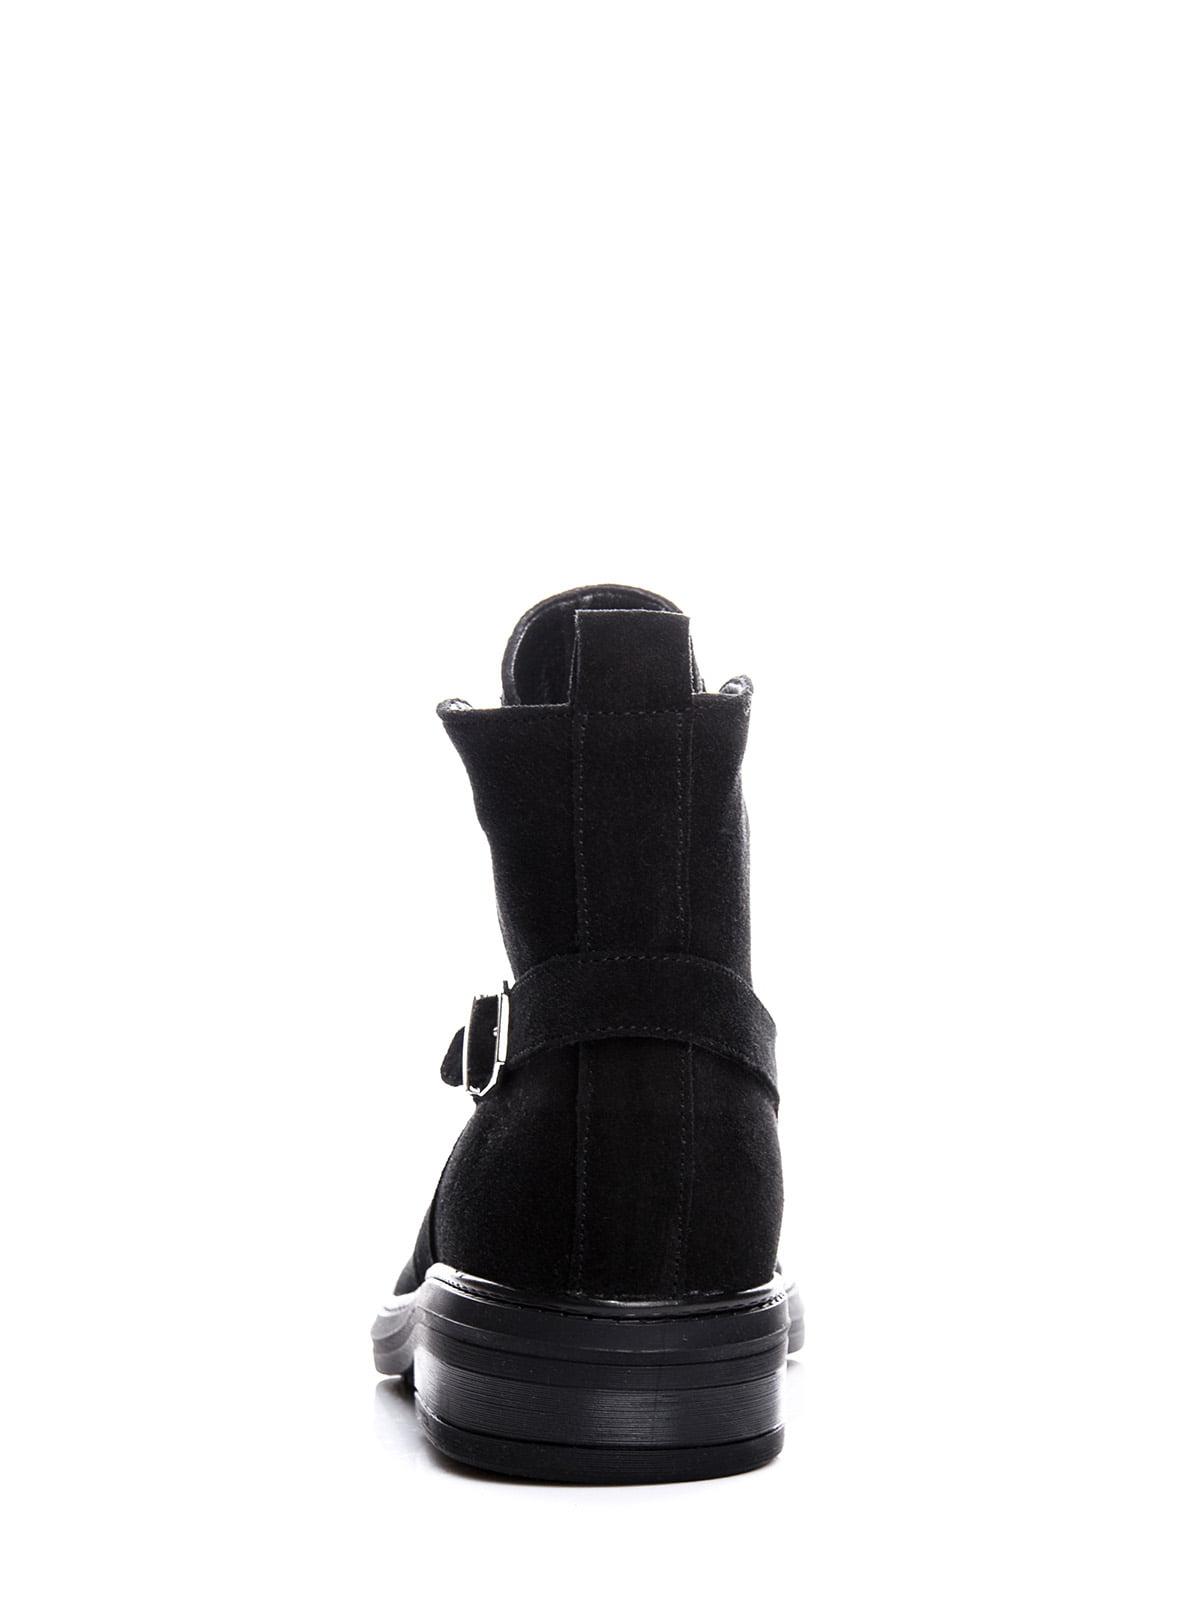 Черевики чорні | 4643283 | фото 5